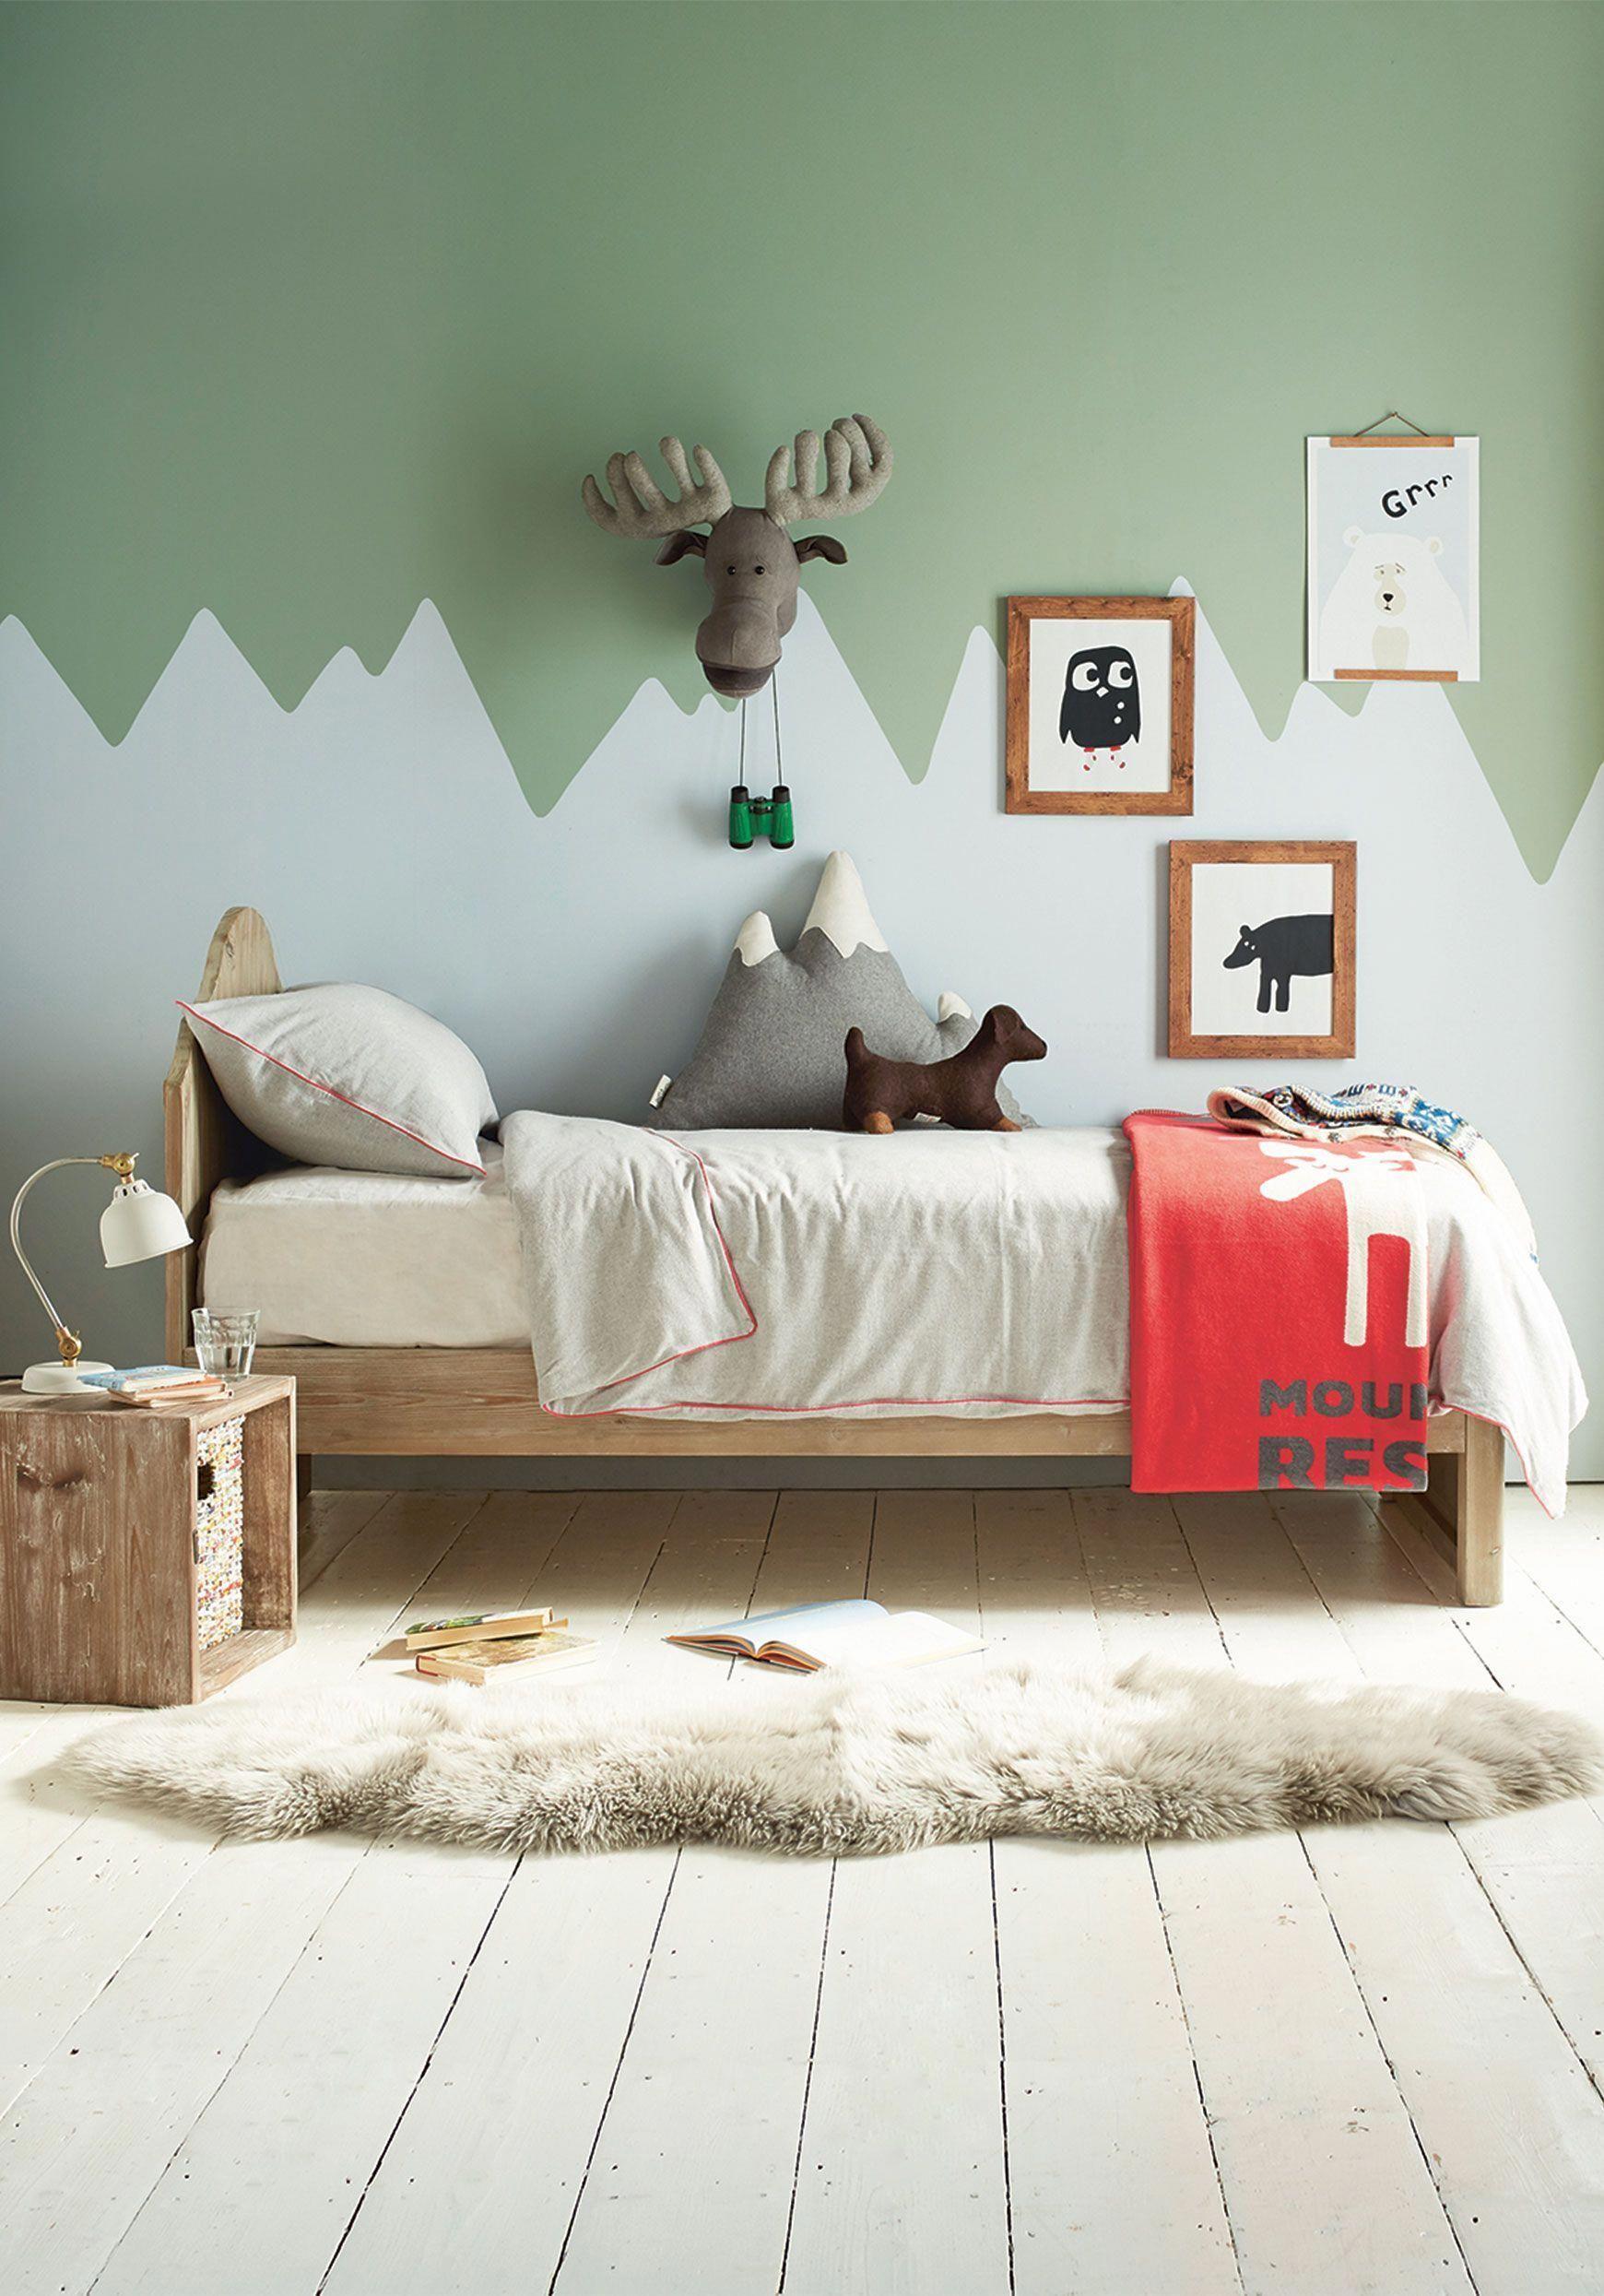 Creando Zonas Y Espacios Con Pinturas En Las Paredes Decopeques - Pinturas-en-paredes